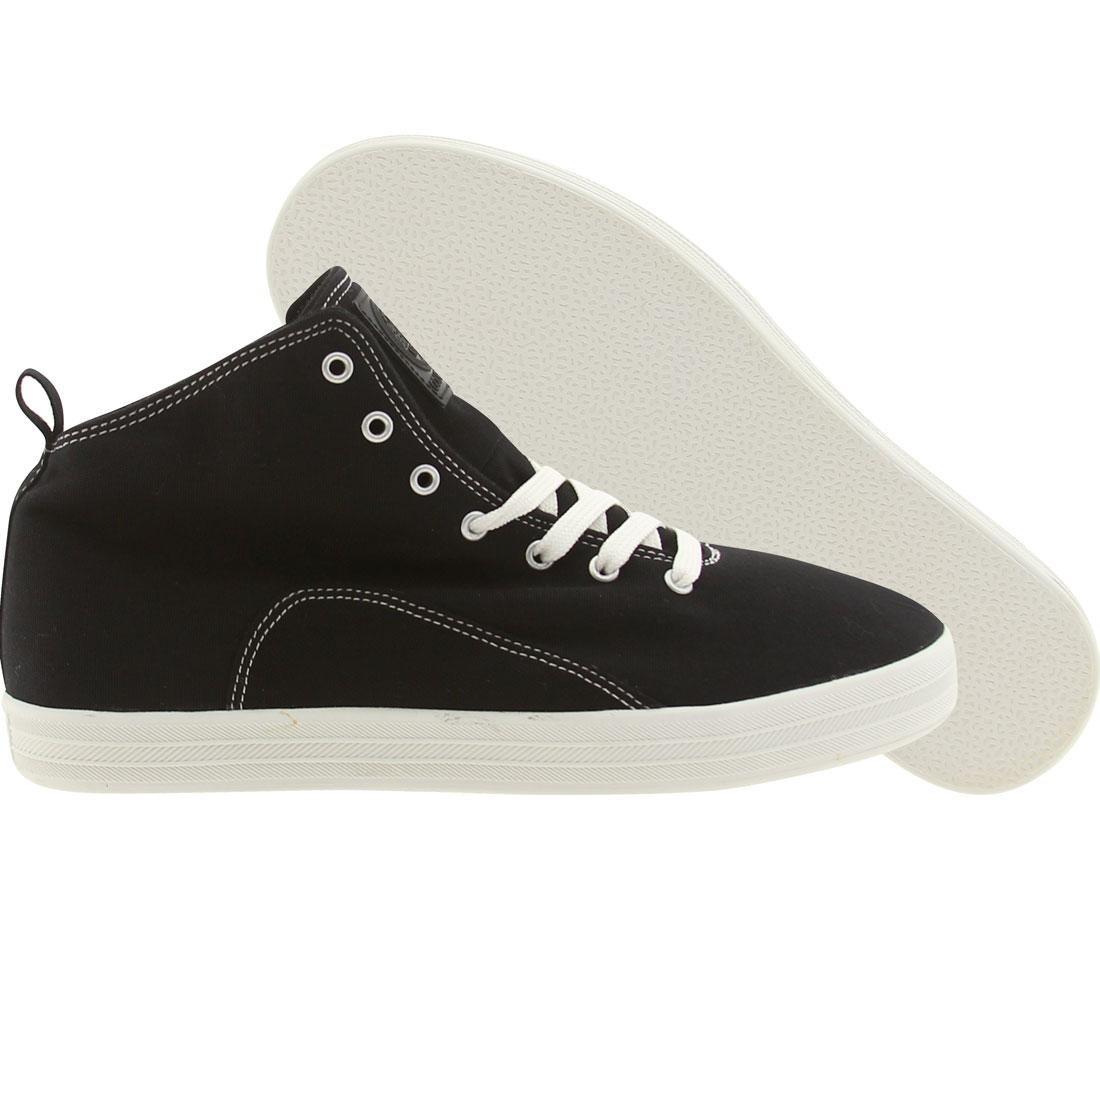 【海外限定】グルメ メンズ靴 靴 【 GOURMET QUATTRO CANVAS BLACK WHITE 】